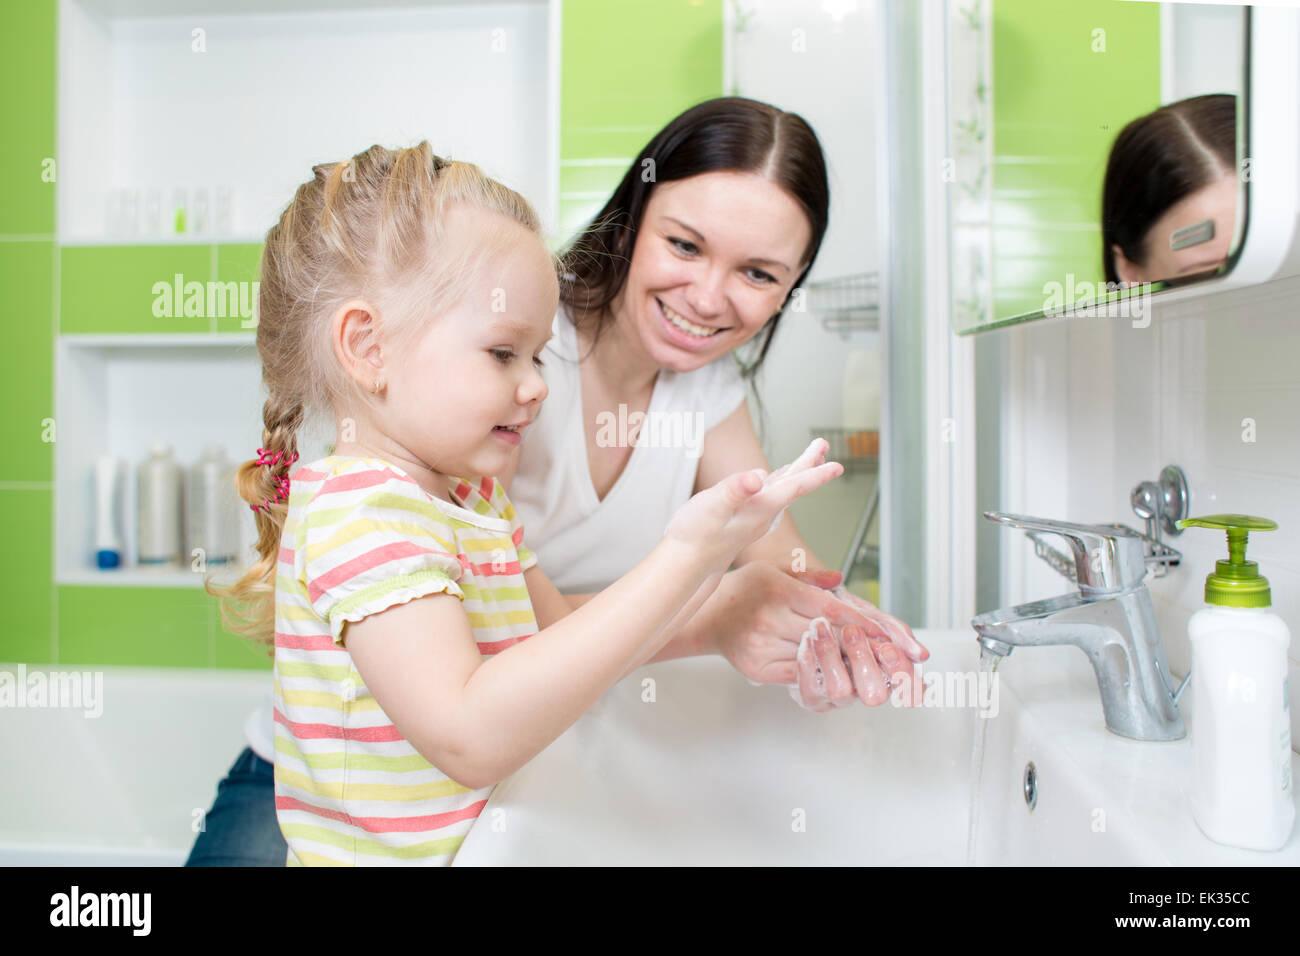 Glückliche Mutter und Kind Händewaschen mit Seife im Badezimmer ...